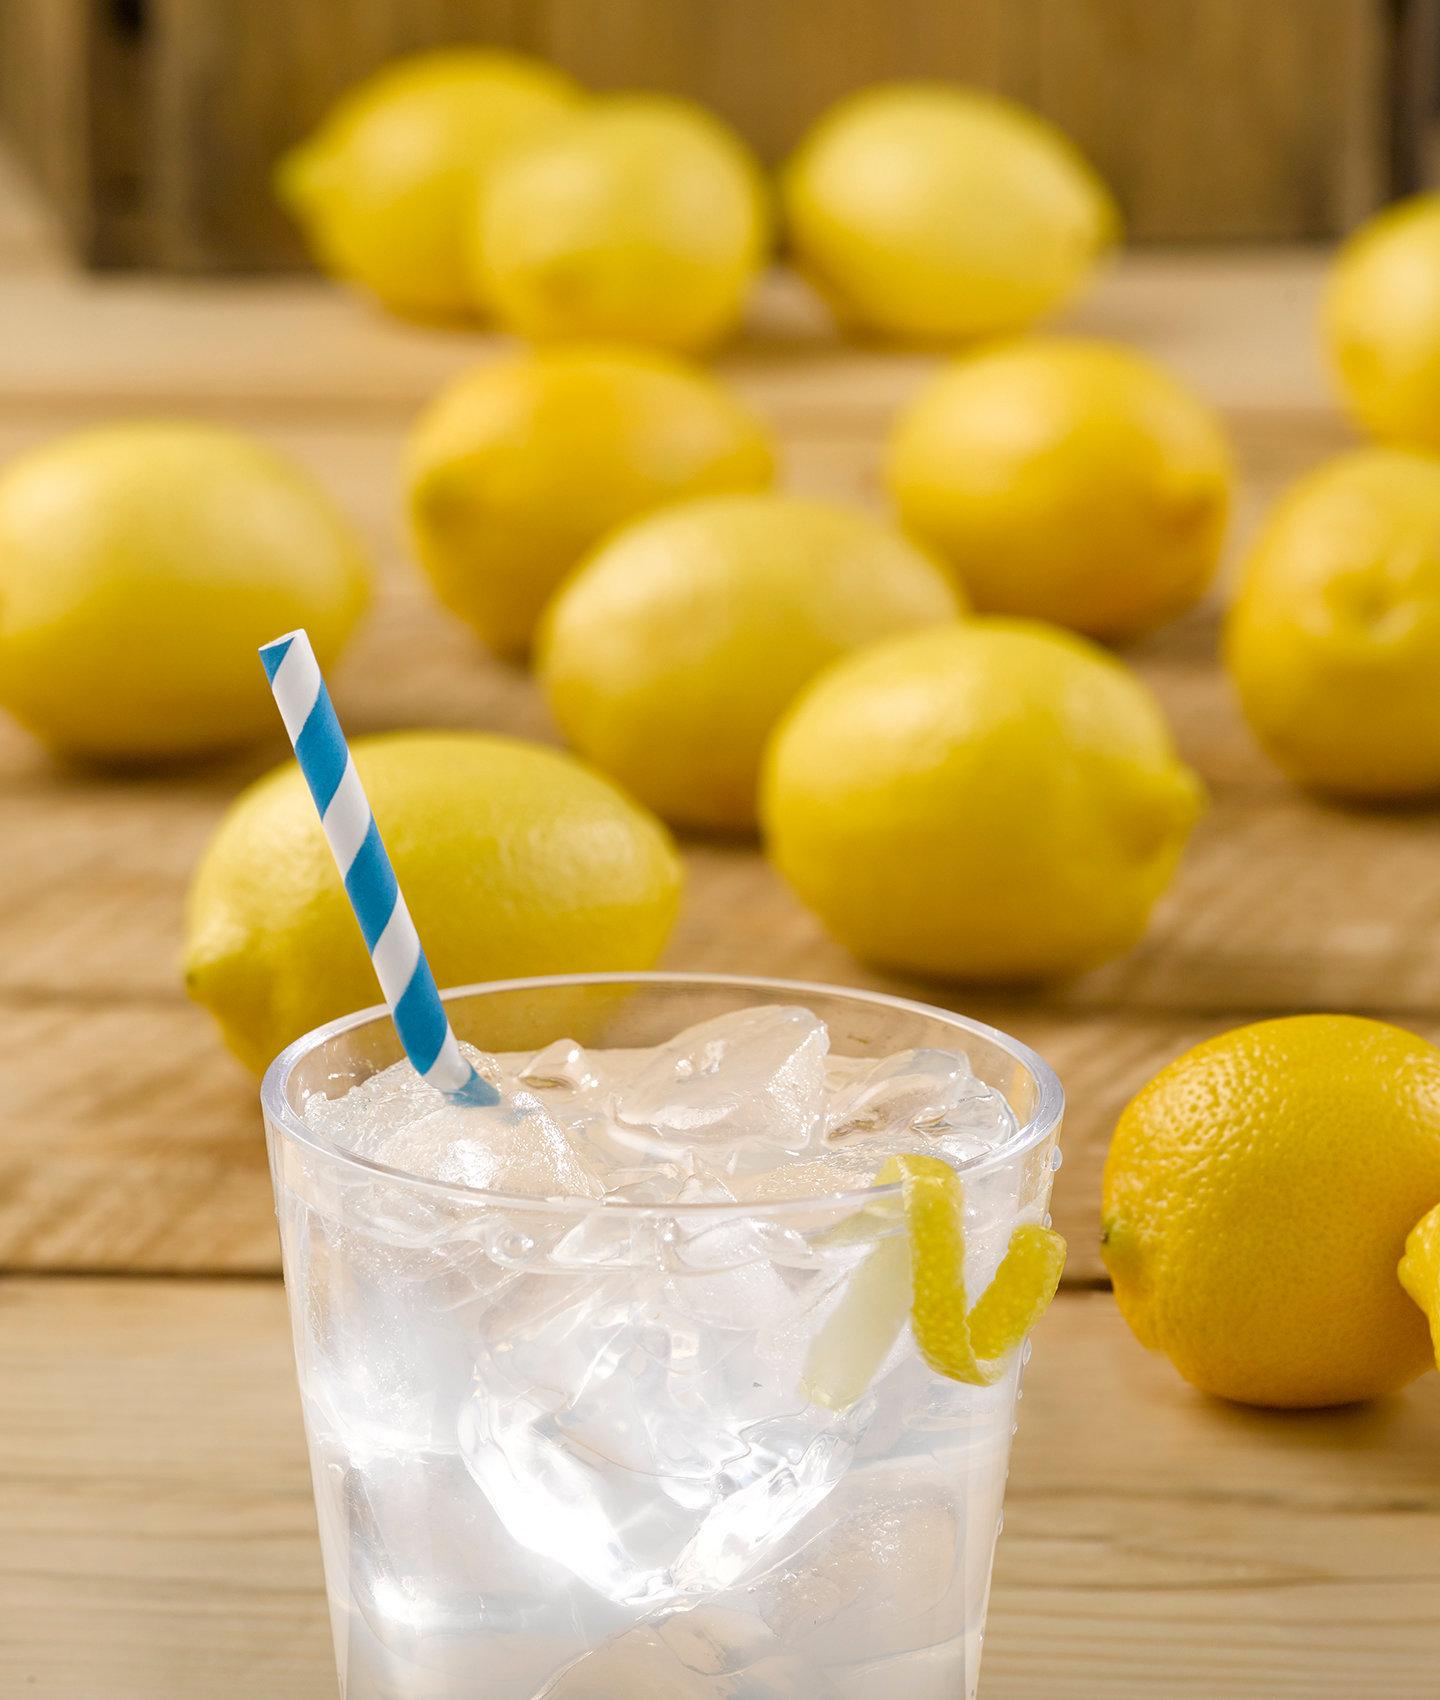 Lemonade_Vert_Lemon_Straw.jpg